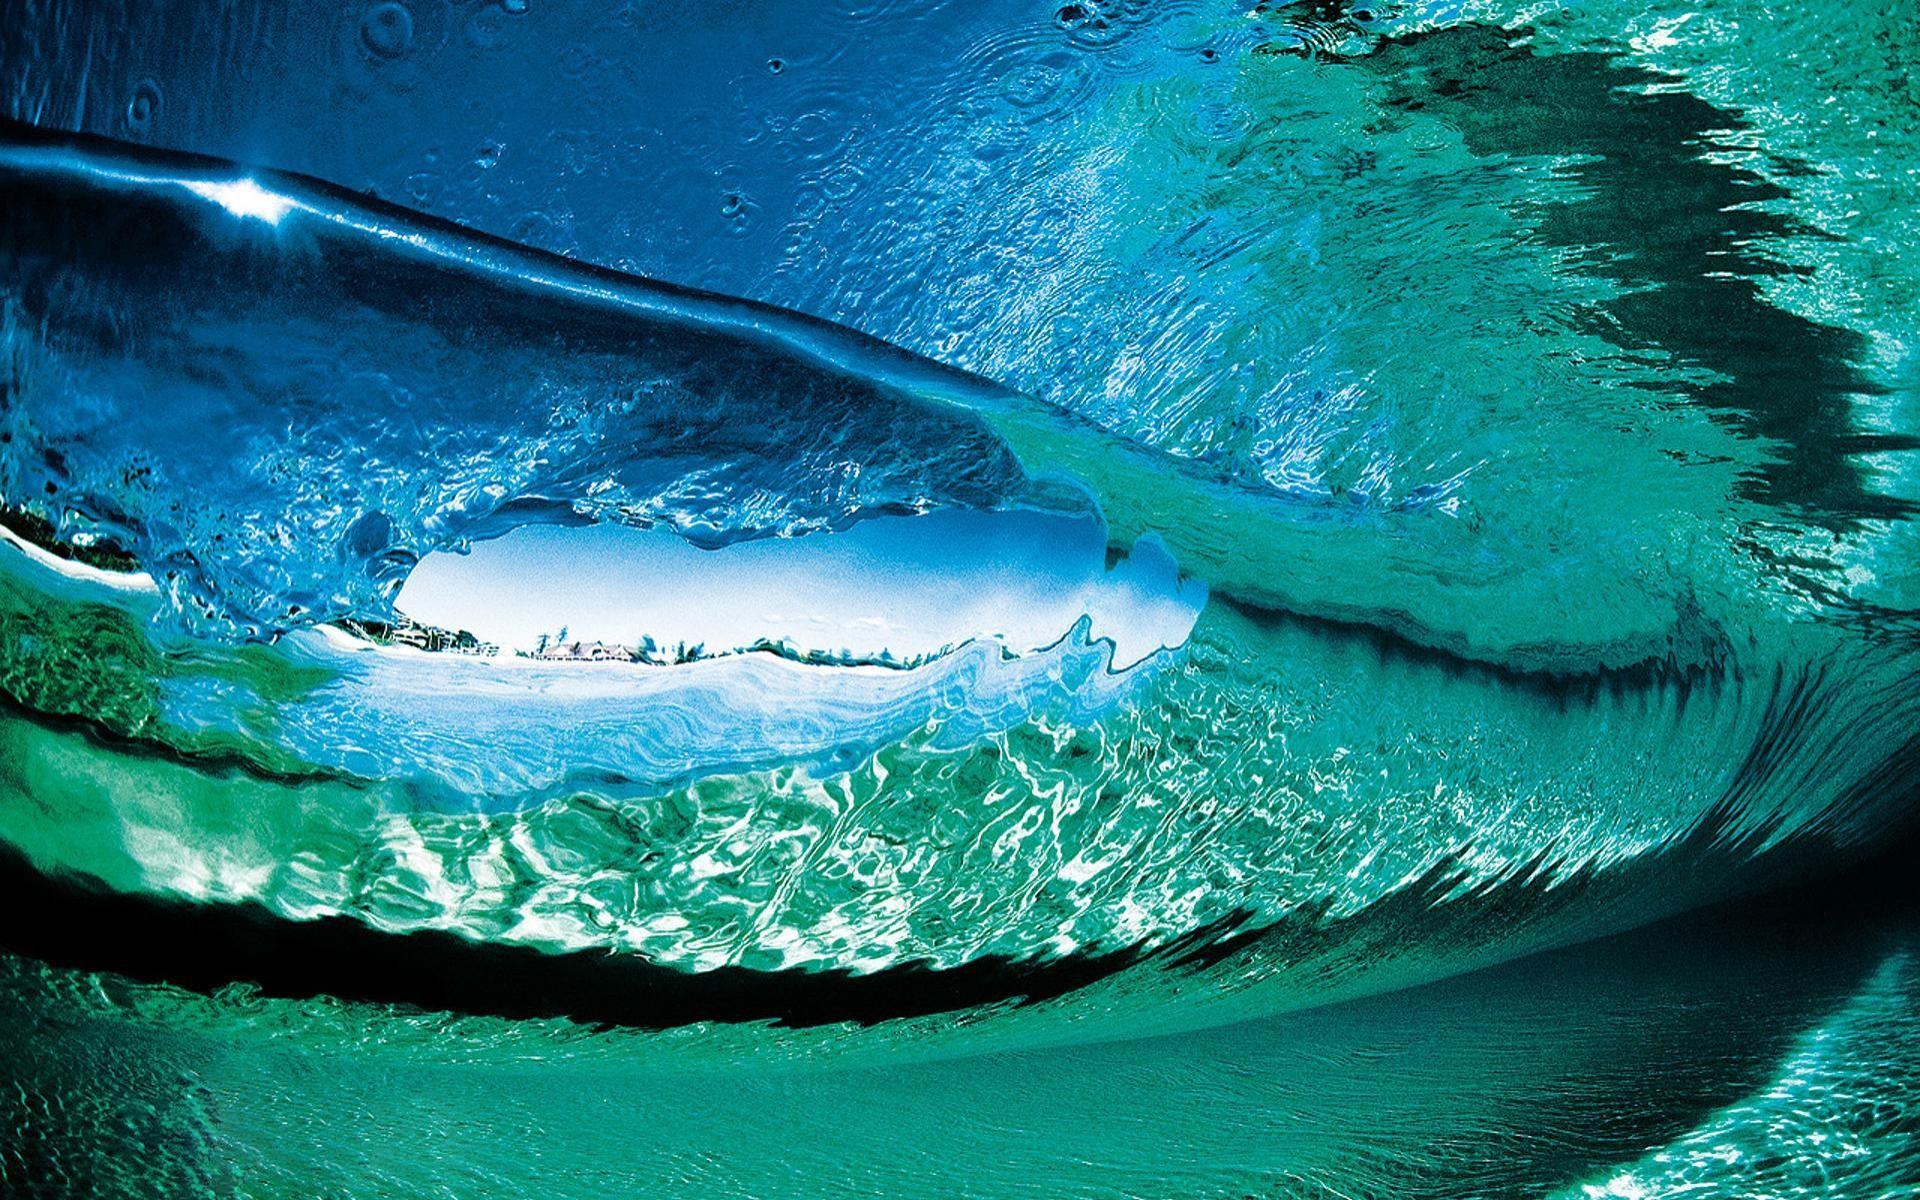 Ocean Water Wallpapers Desktop Background – Mytwiink.com